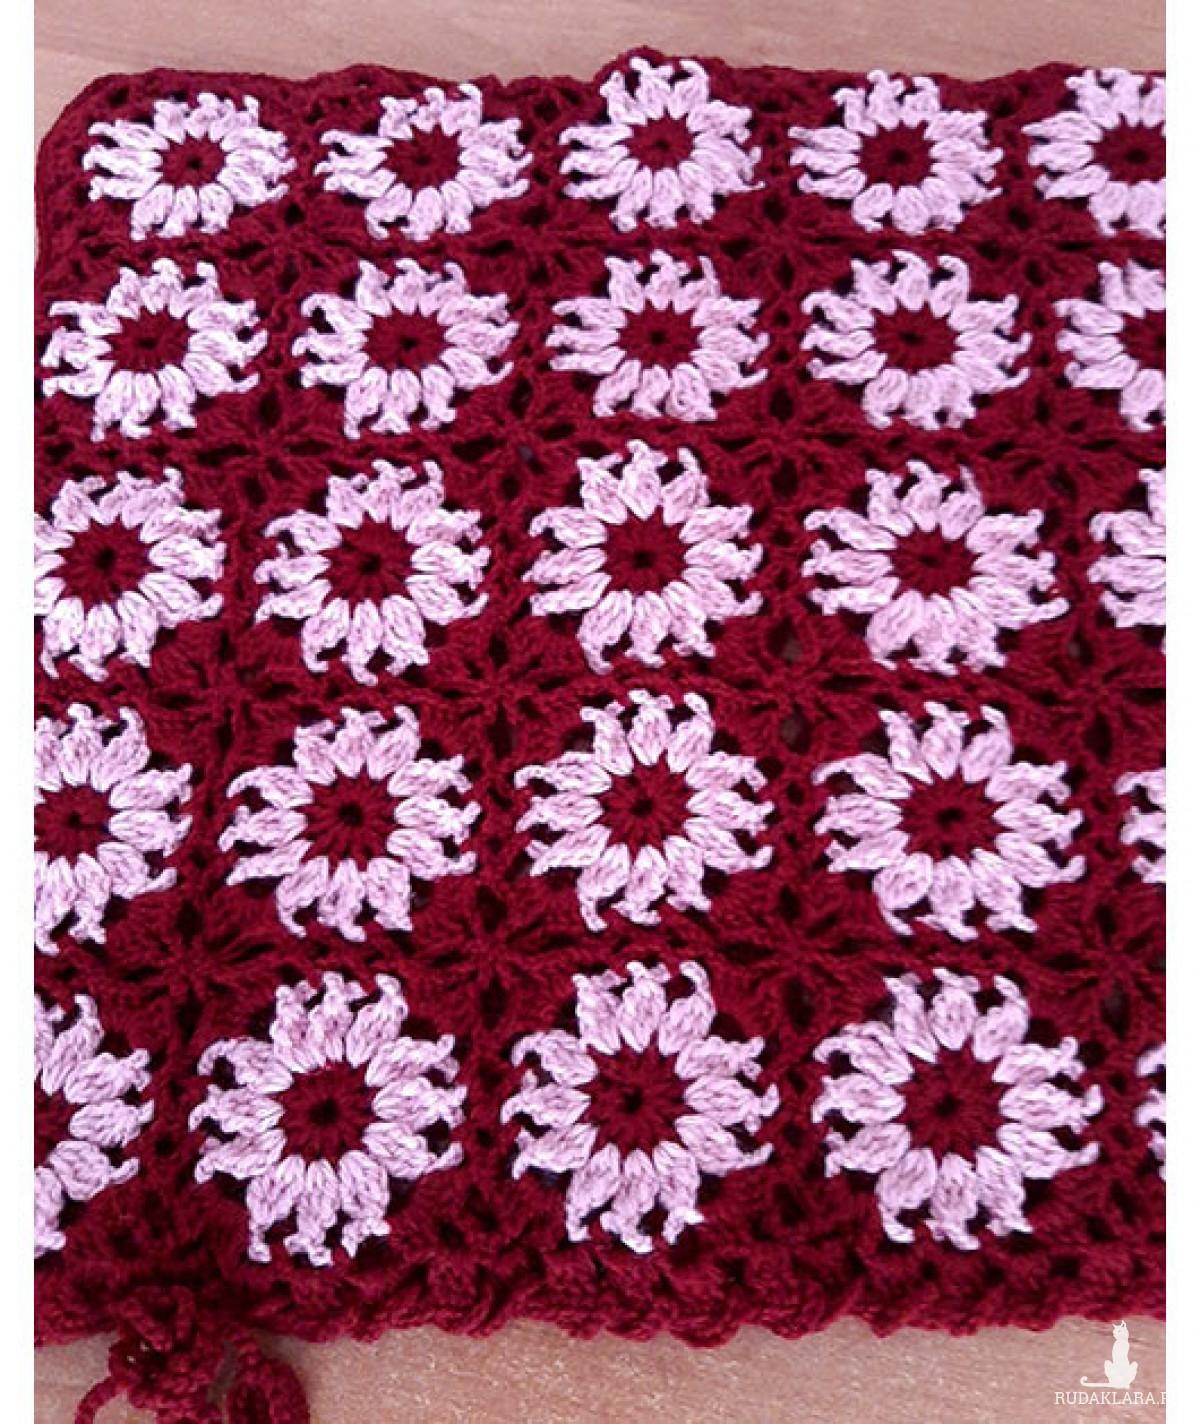 Szydełkowa poszewka dekoracyjna poduszka bordowa 4